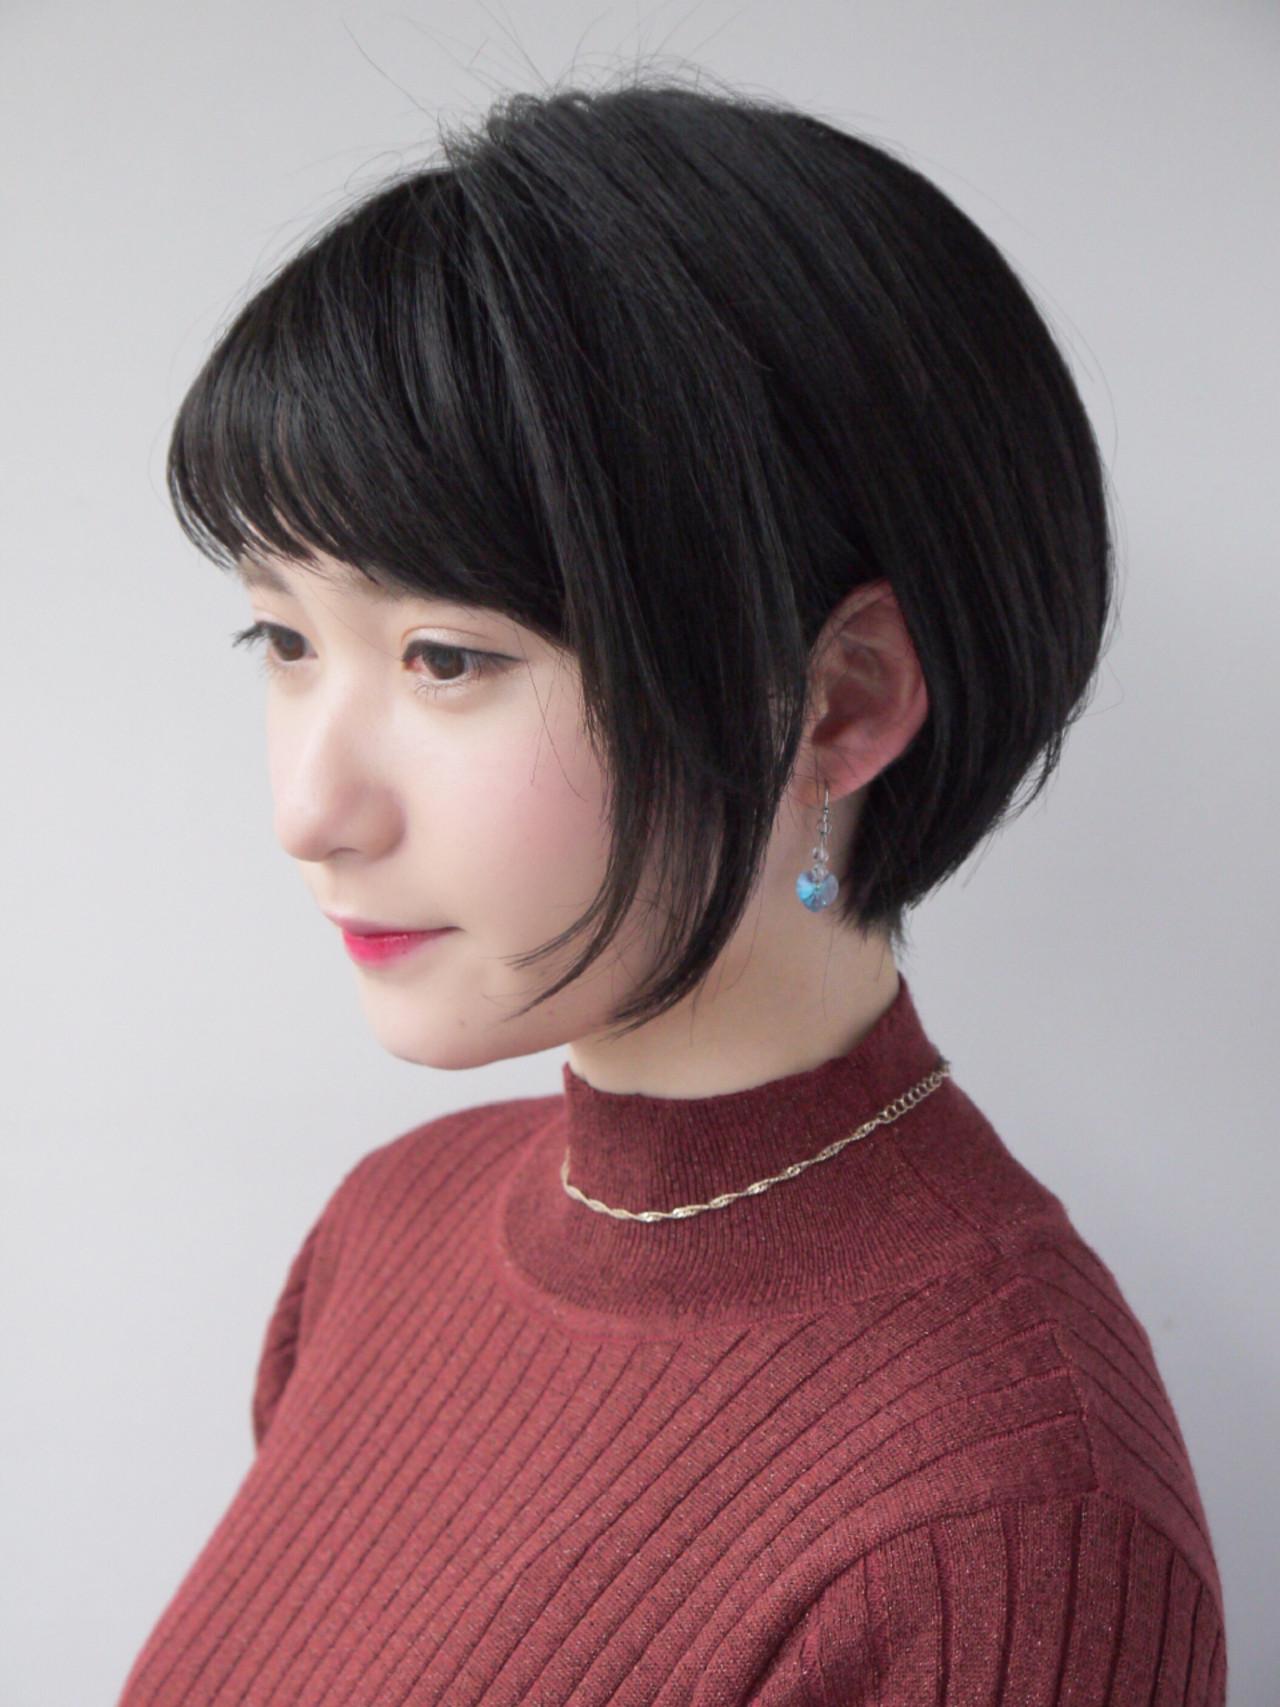 ショートバング 似合わせ 小顔 ナチュラル ヘアスタイルや髪型の写真・画像   Hiroさん / モリオフロムロンドン原宿本店